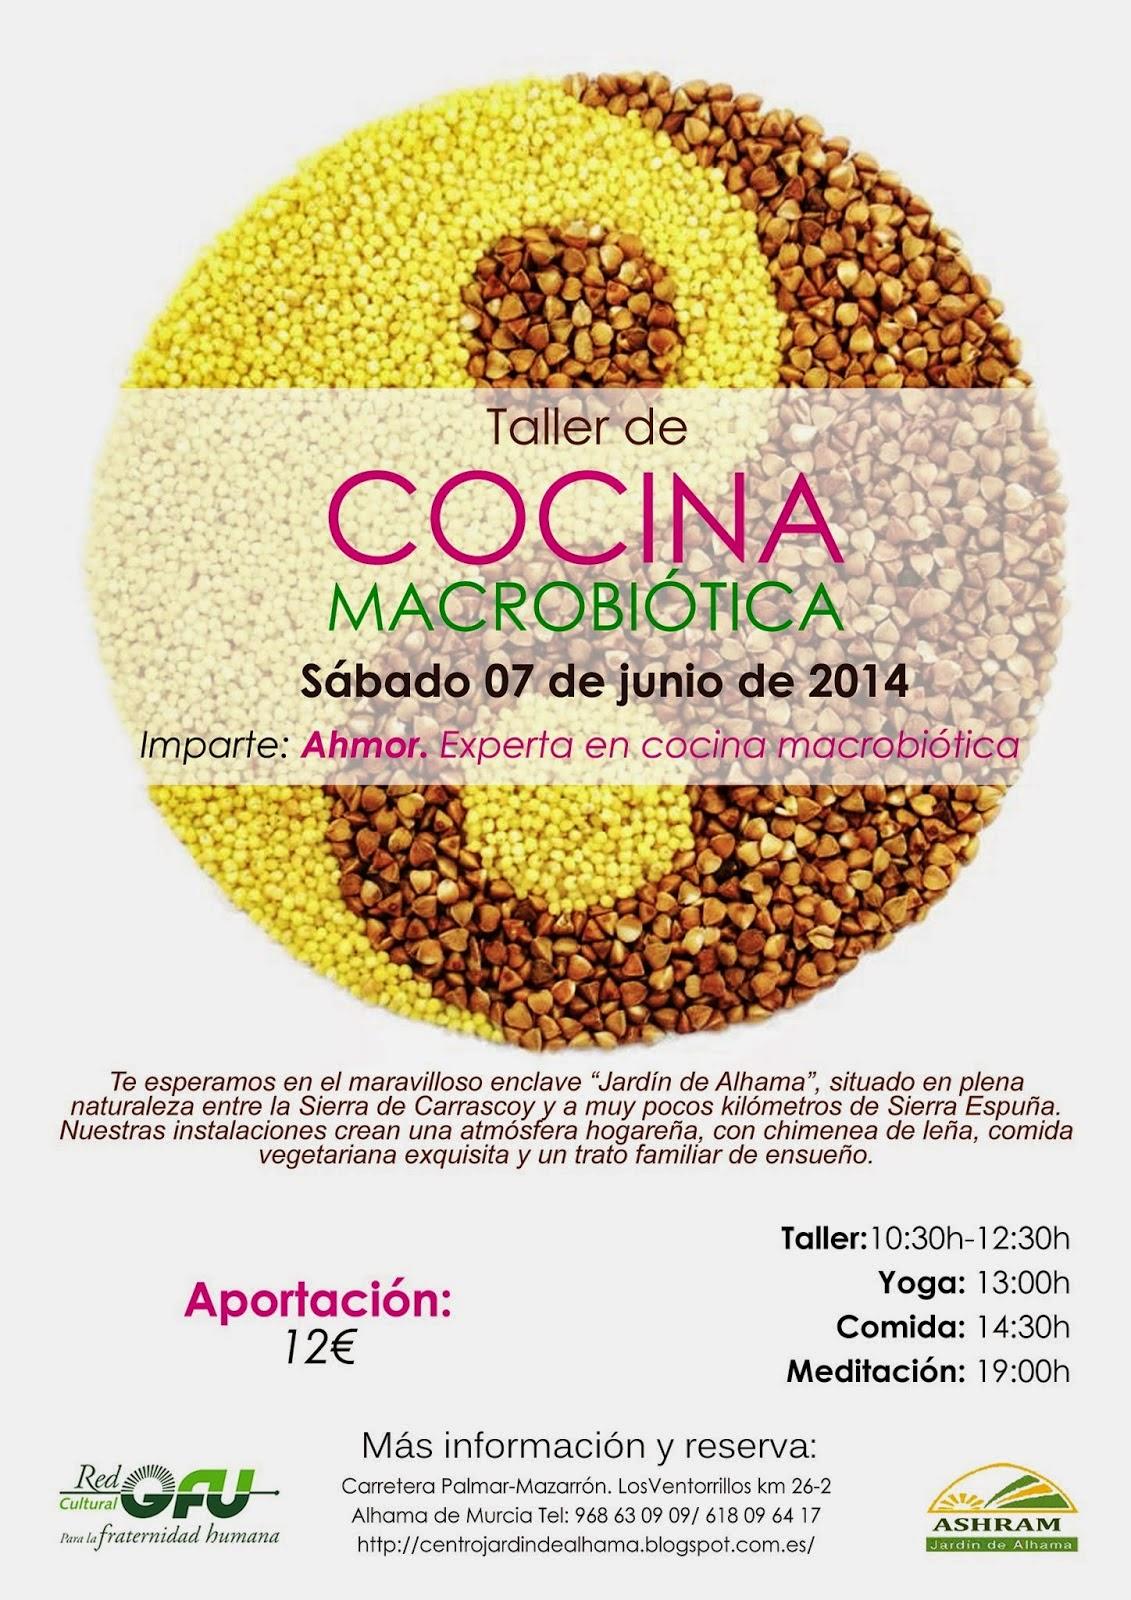 Centro de yoga aquarius taller de cocina macrobiotica en for Cocina macrobiotica